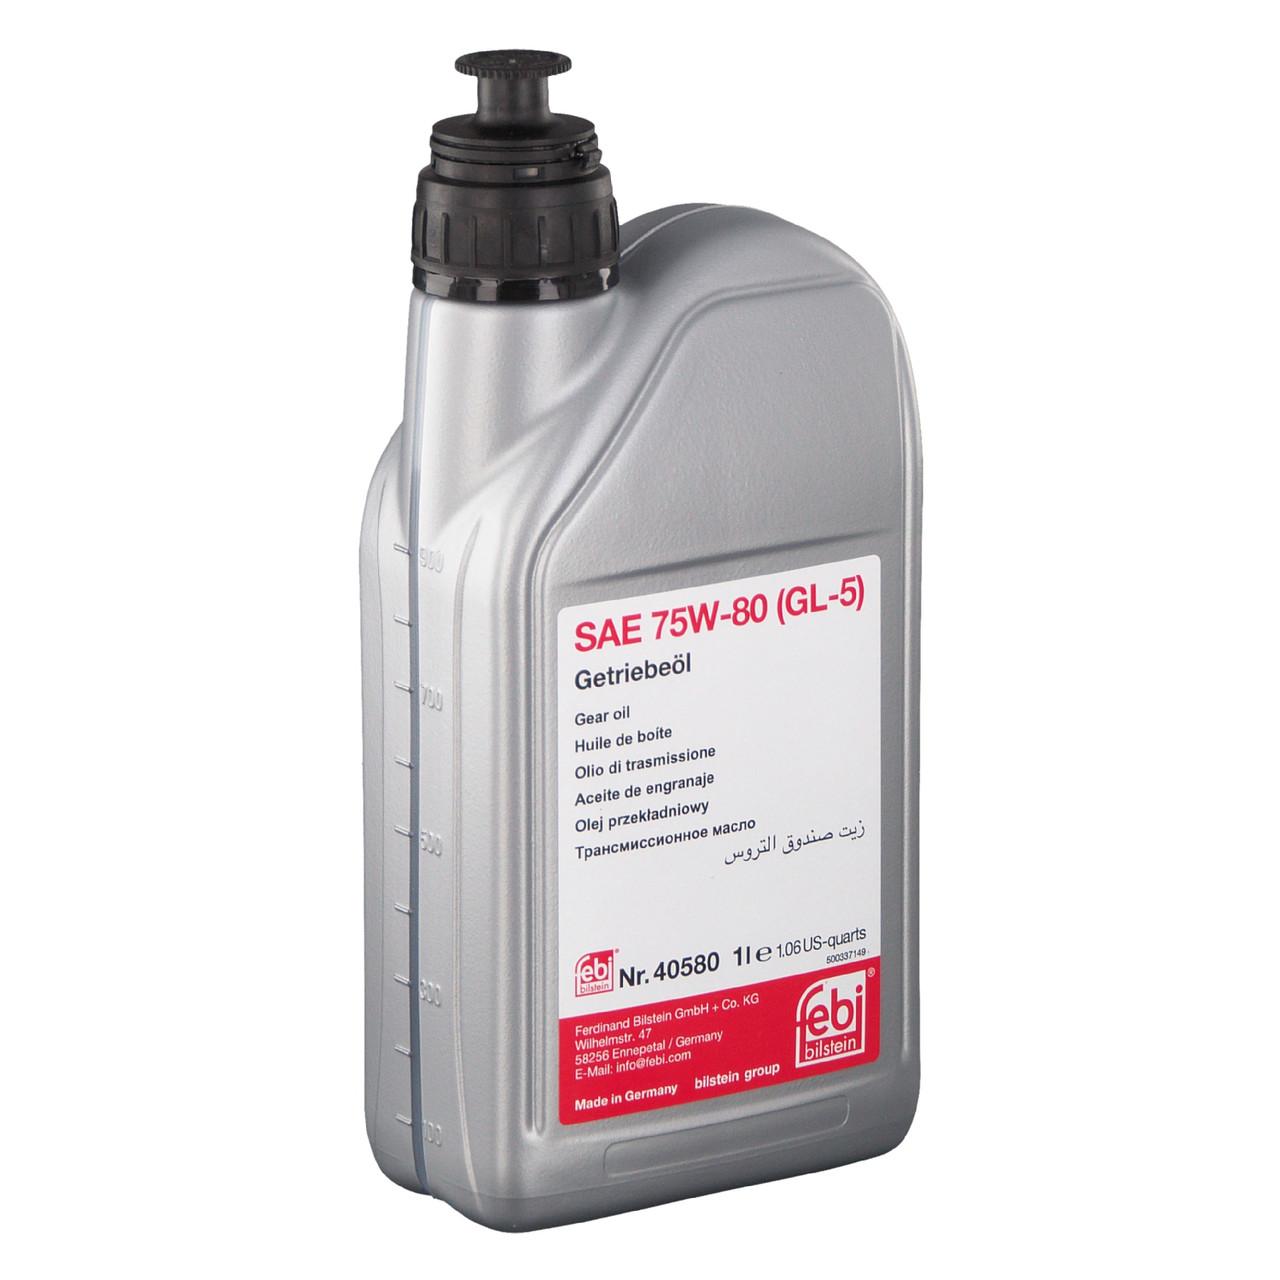 Трансмиссионное масло FEBI BILSTEIN SAE 75W-80 (GL-5) Nr.40580 (1л)